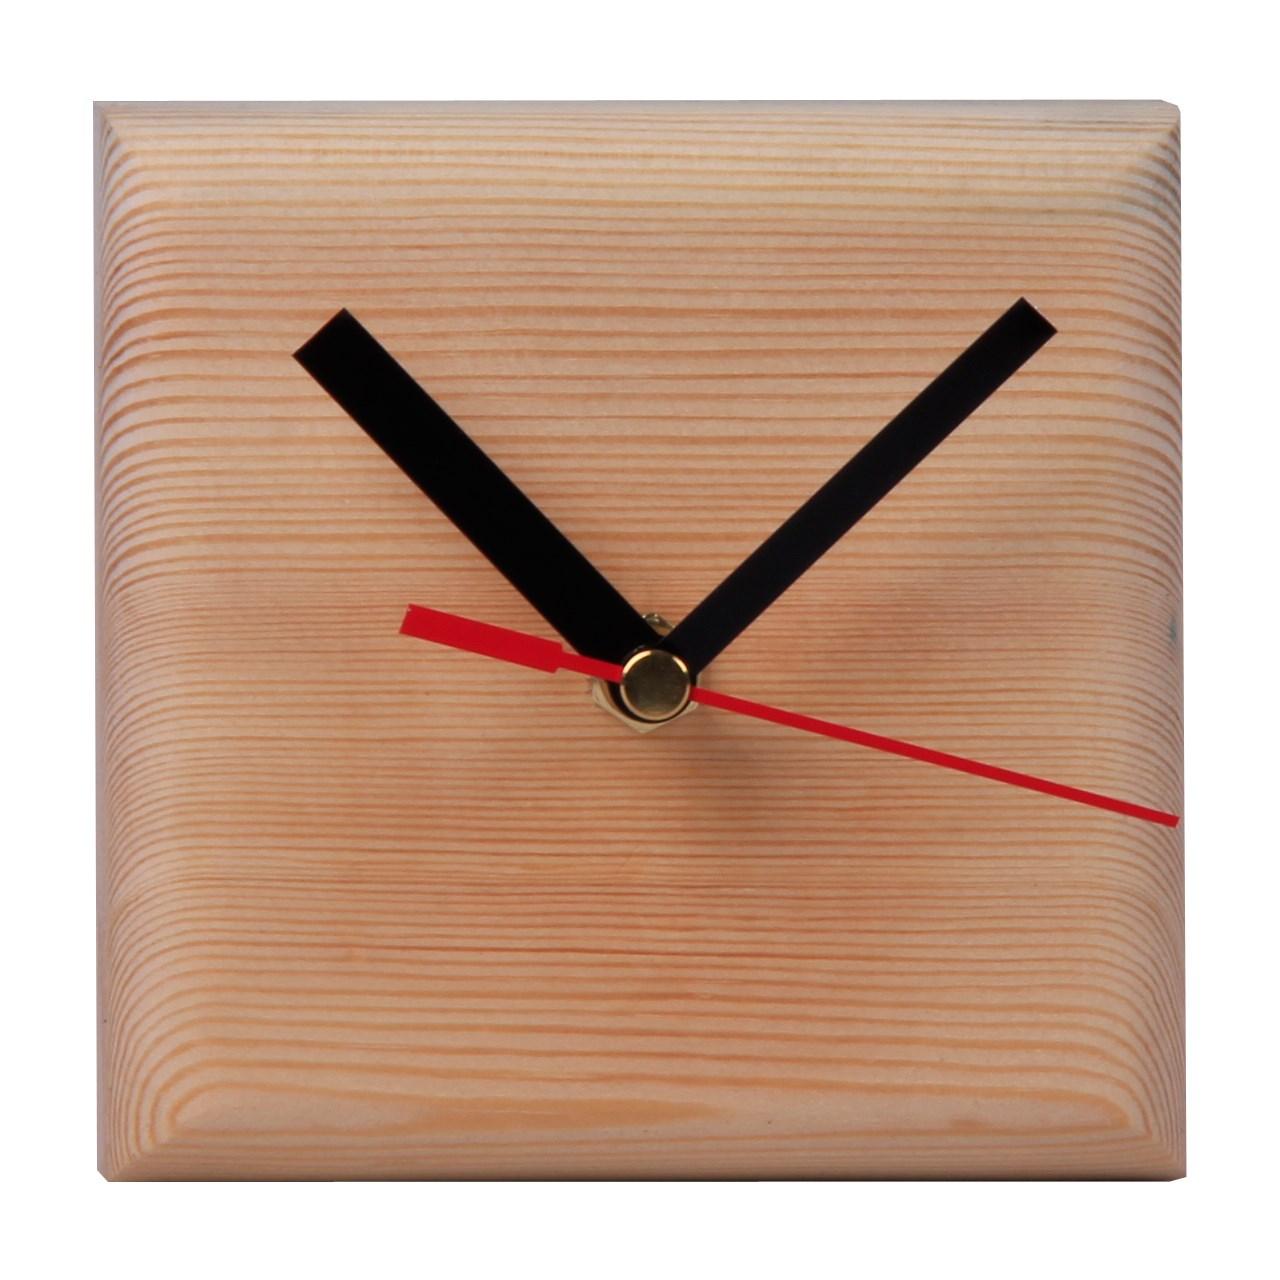 ساعت رومیزی گالری روح چوب مدل sowag-wa-001  چوبی